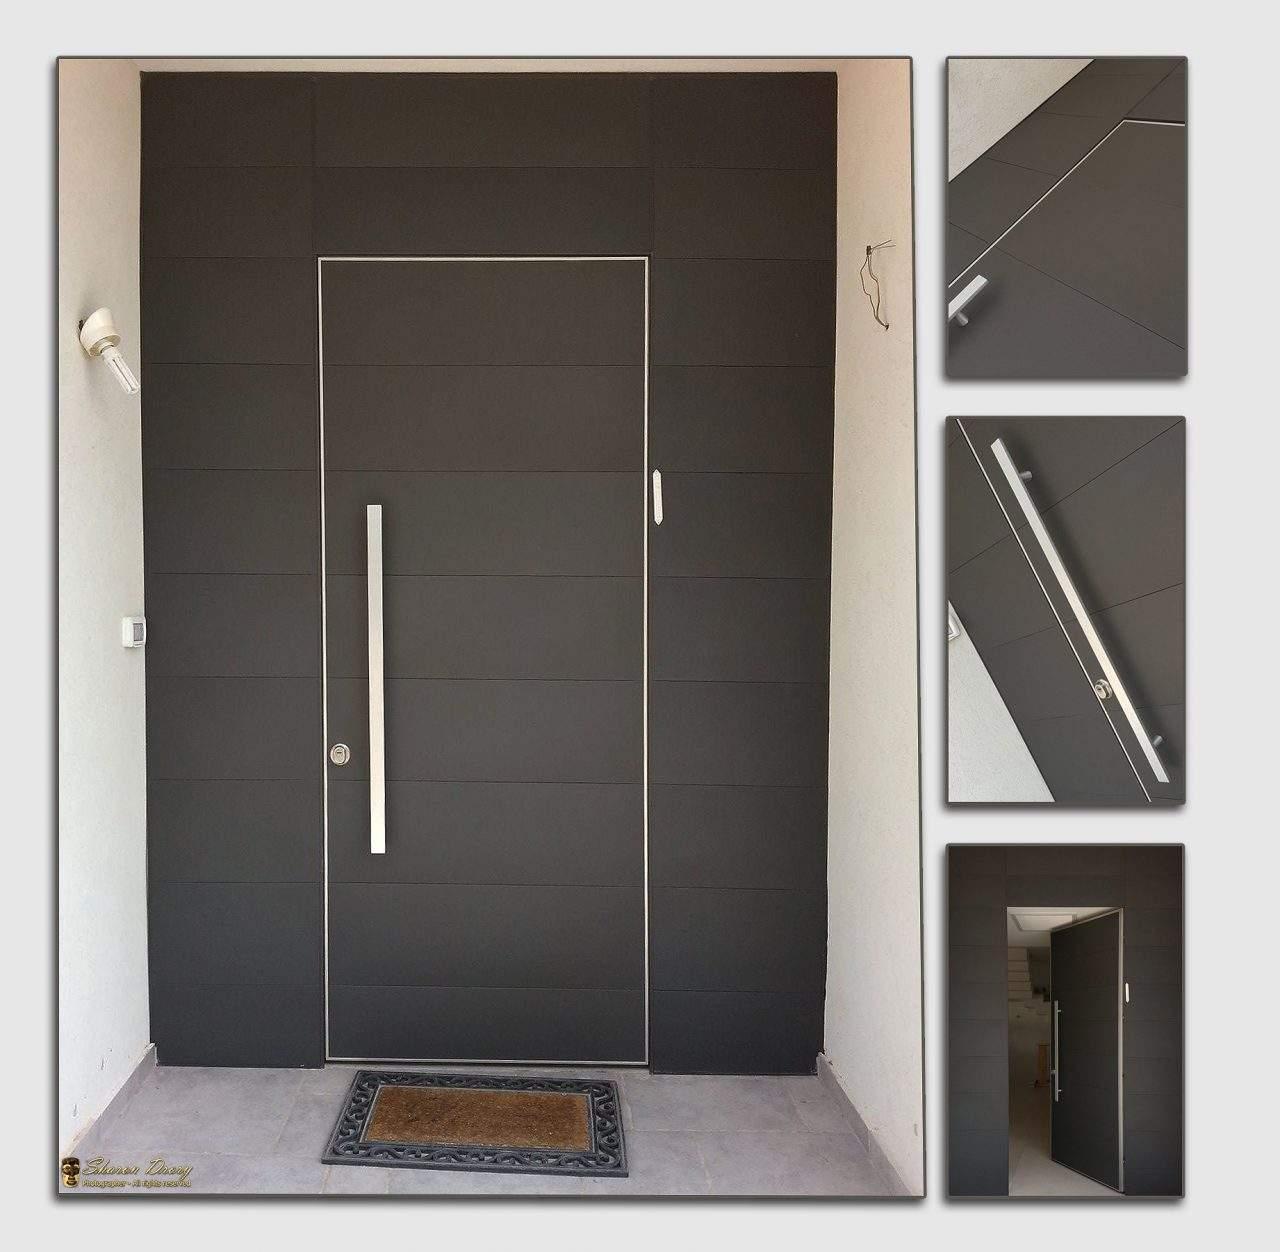 דלת קו 0 שריונית חסם